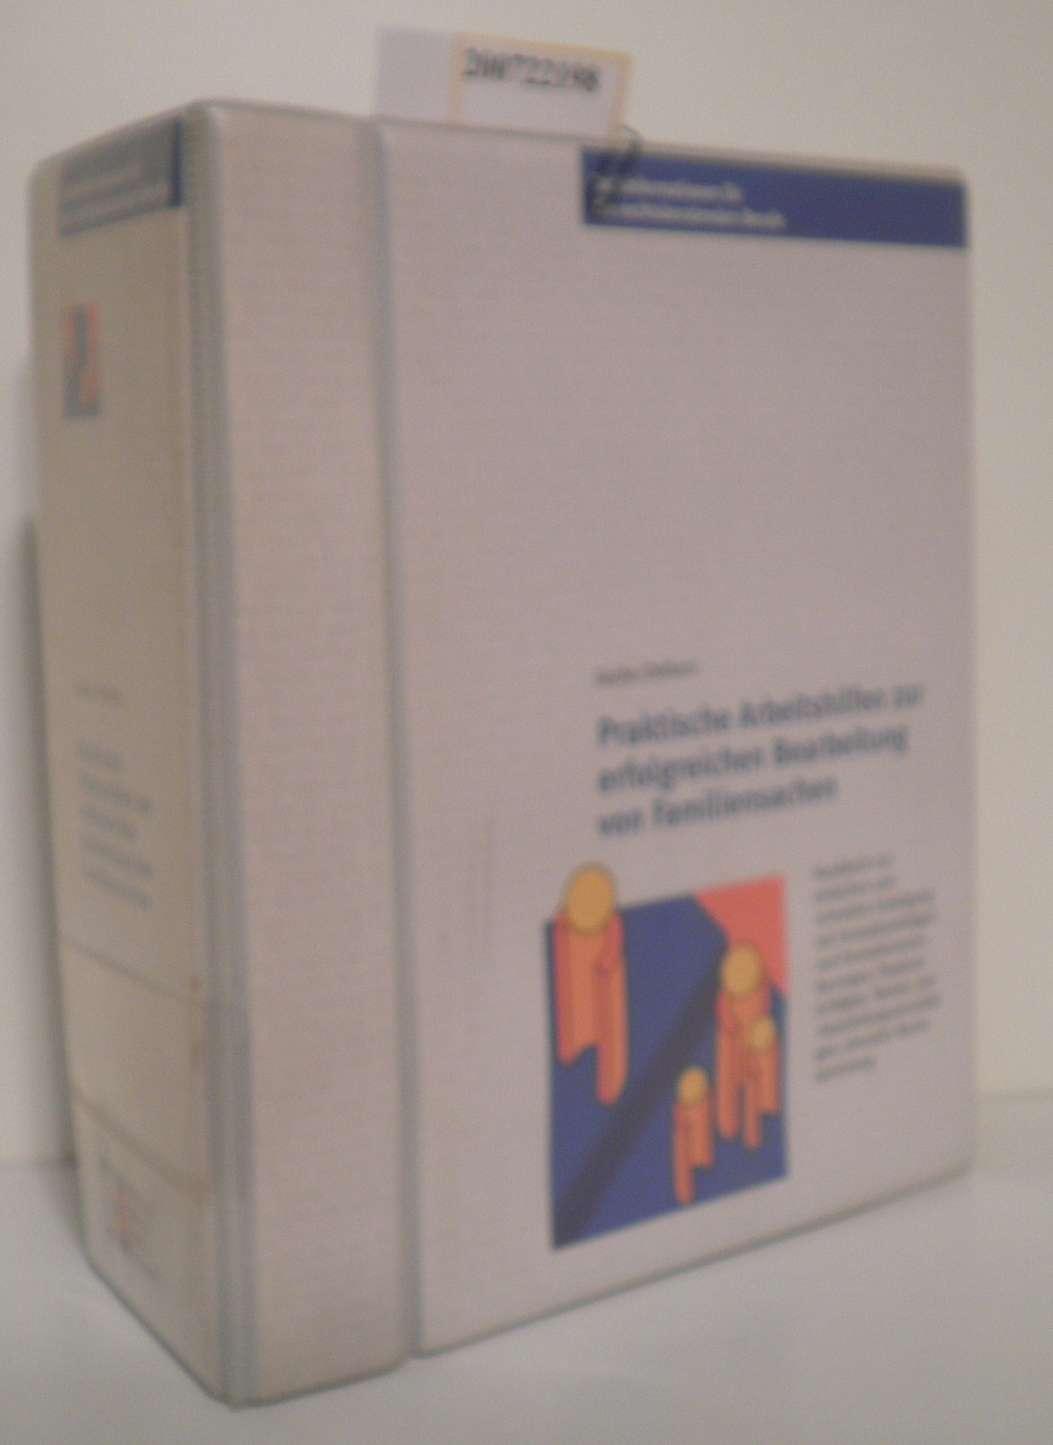 Praktische Arbeitshilfen zur erfolgreichen Bearbeitung von Familiensachen handbuch